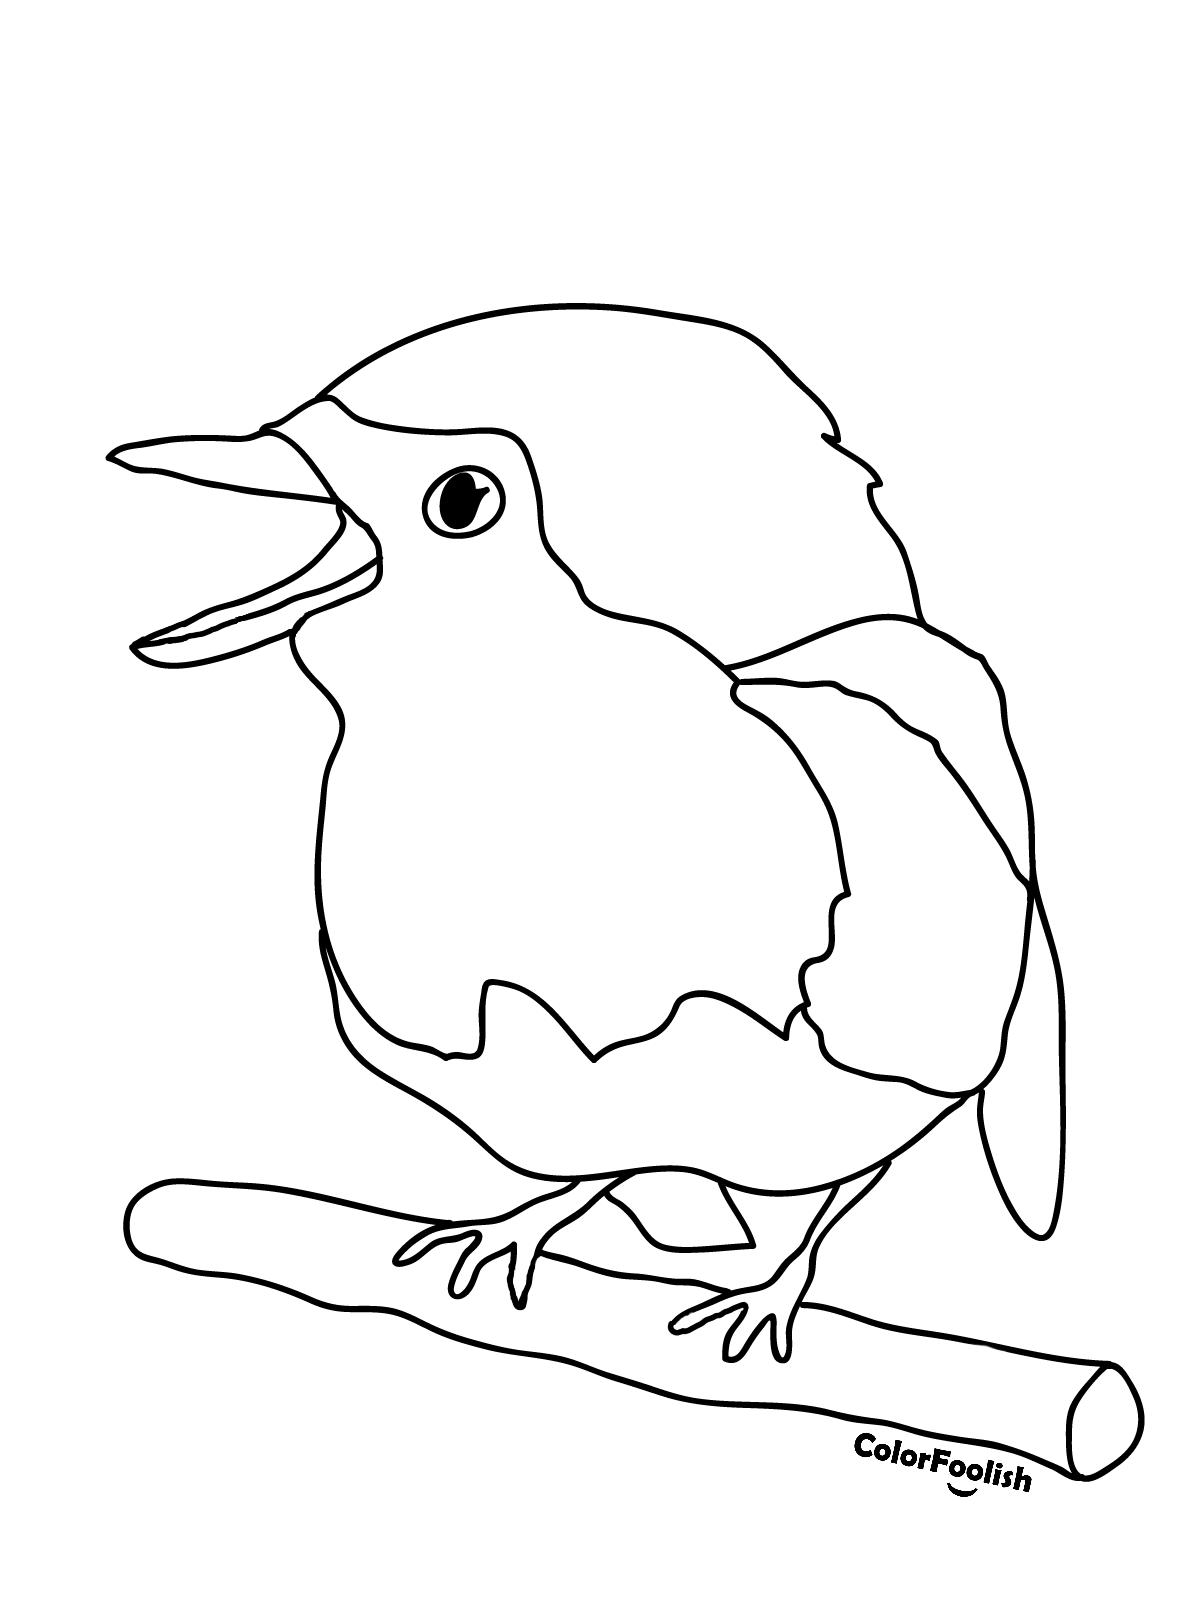 Malvorlage eines Rotkehlchens, das auf einer Niederlassung sitzt